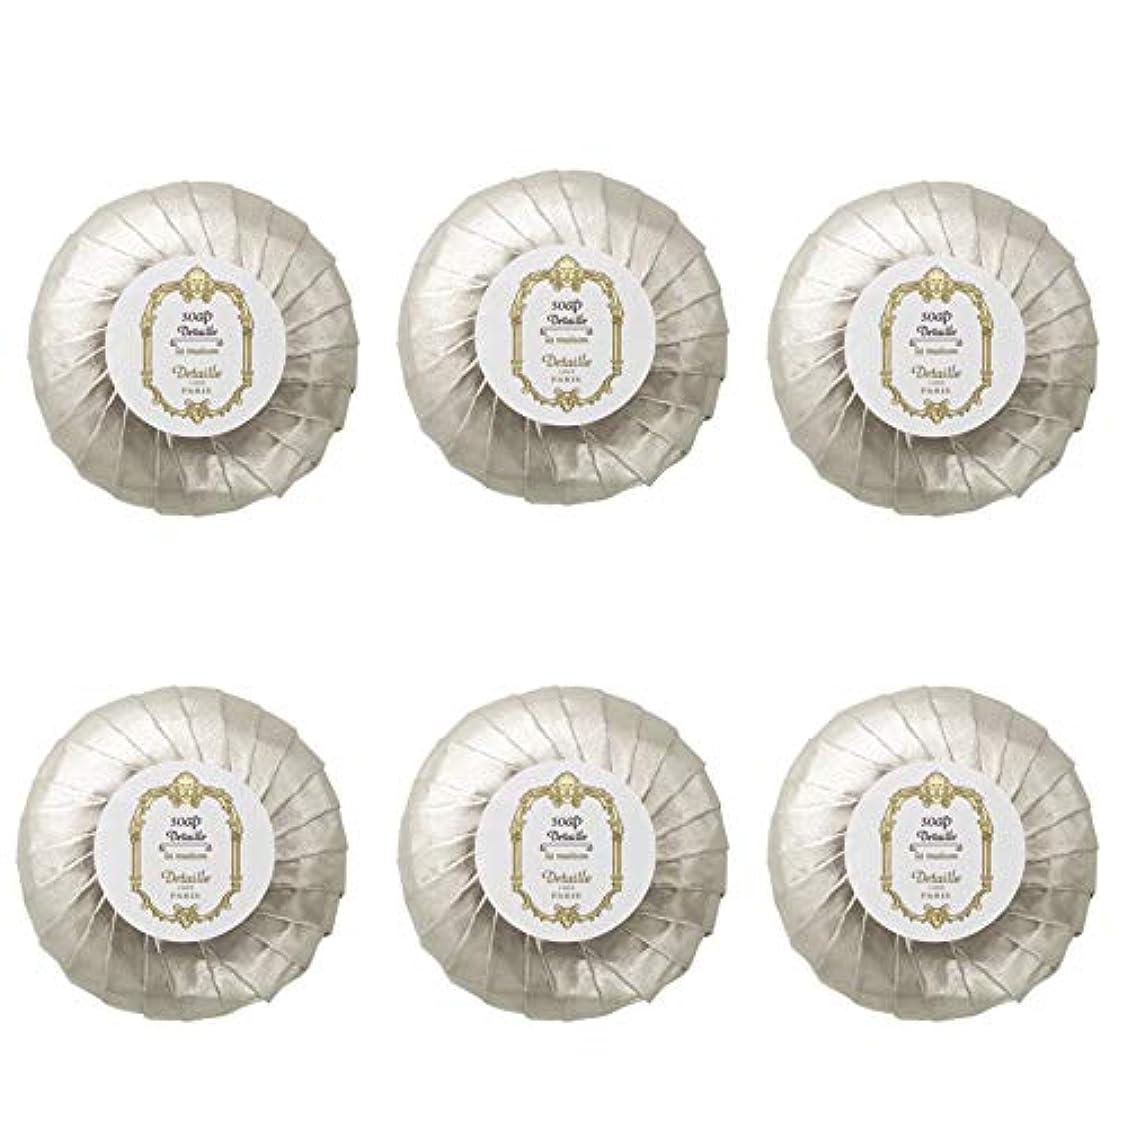 ハリケーンねじれ信頼性のあるPOLA デタイユ ラ メゾン スキンソープ 固形石鹸 (プリーツ包装) 50g×6個